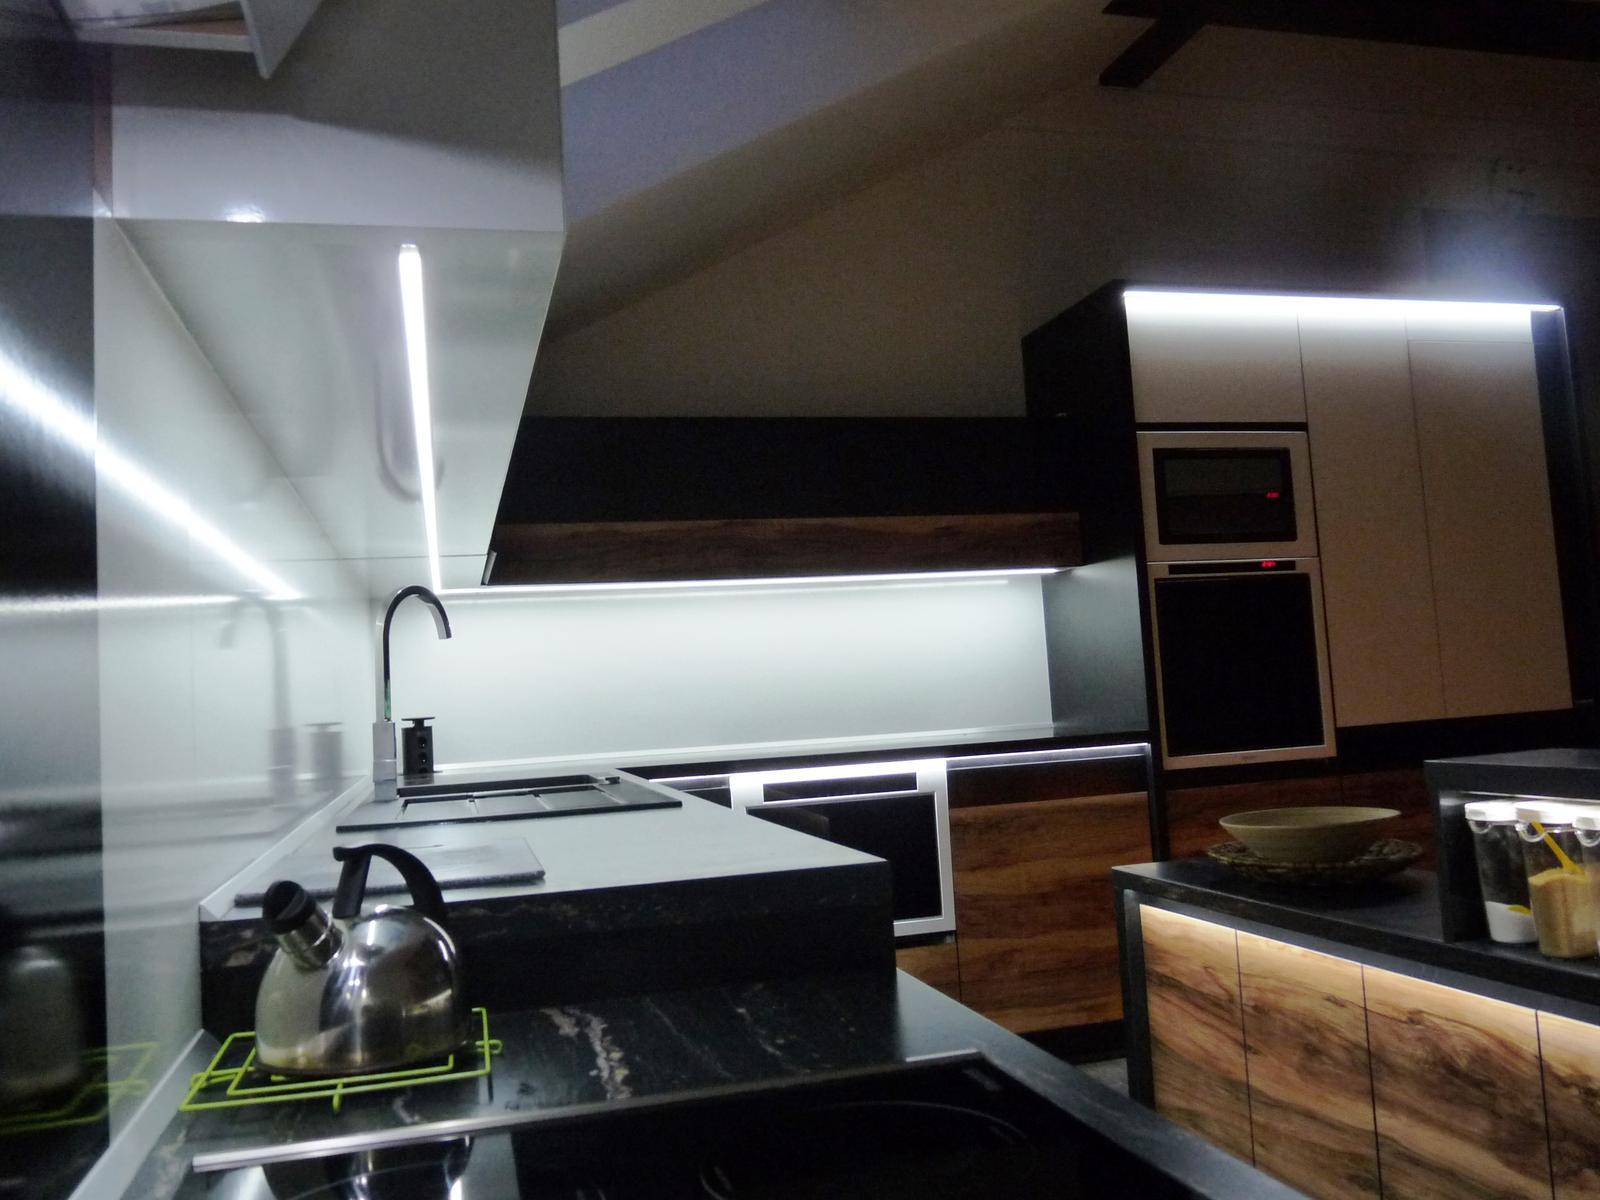 Kuchyňské linky....realizace - Led pásky se dají zafrézovat do profilu pod horní skřínky a aby nebyly vidět světelné body pásku,překryje se mléčným difuzorem